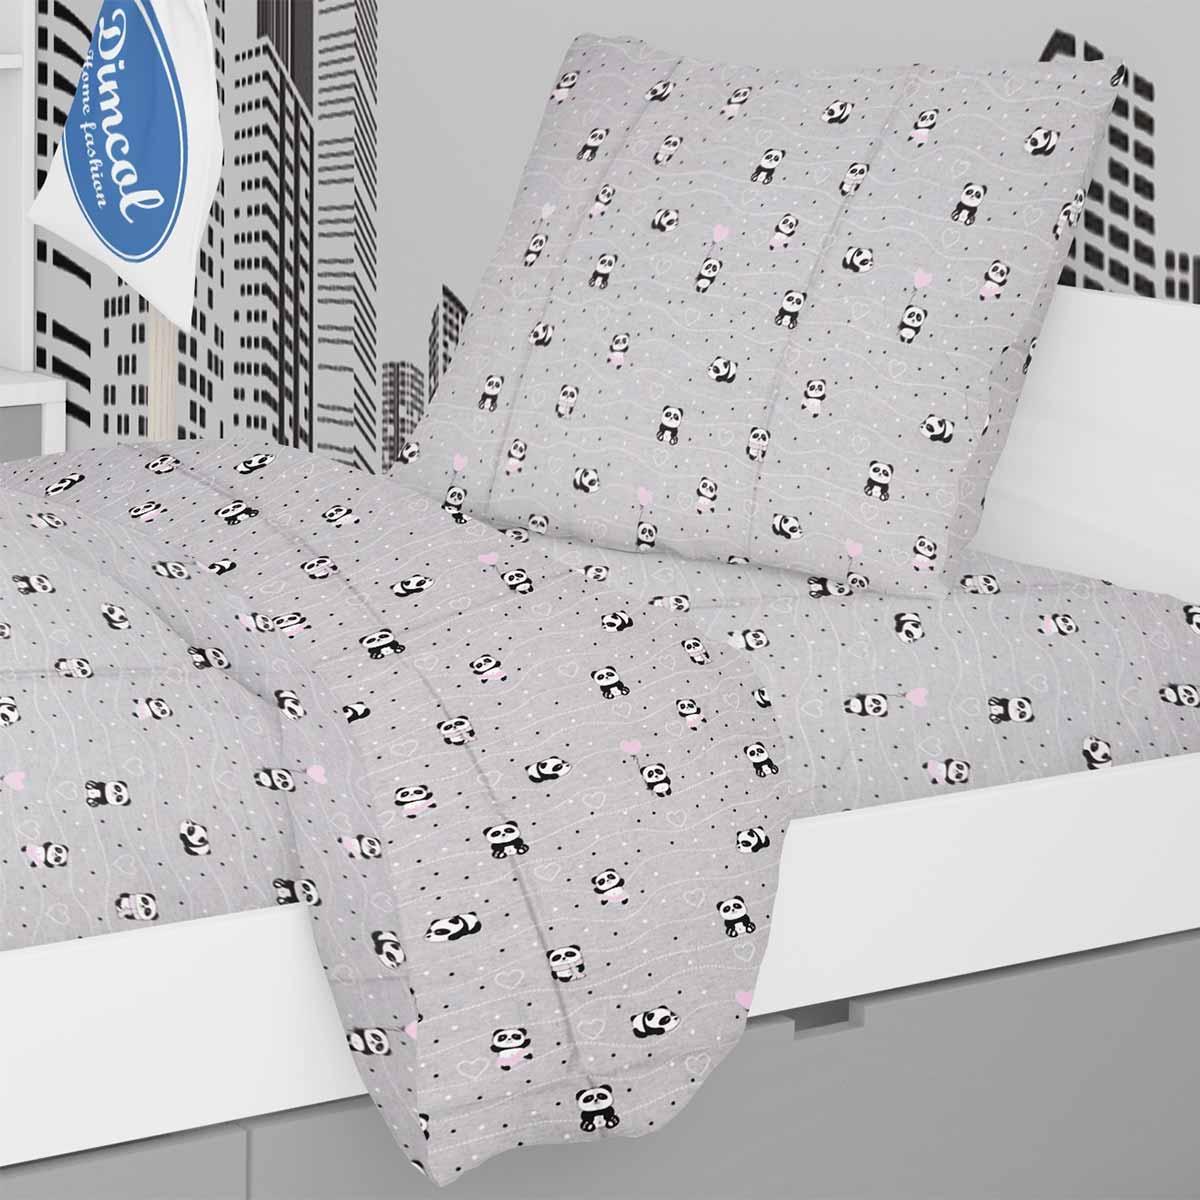 Σεντόνι Μονό (Σετ 2τμχ) Dimcol Panda 113 Grey-Pink